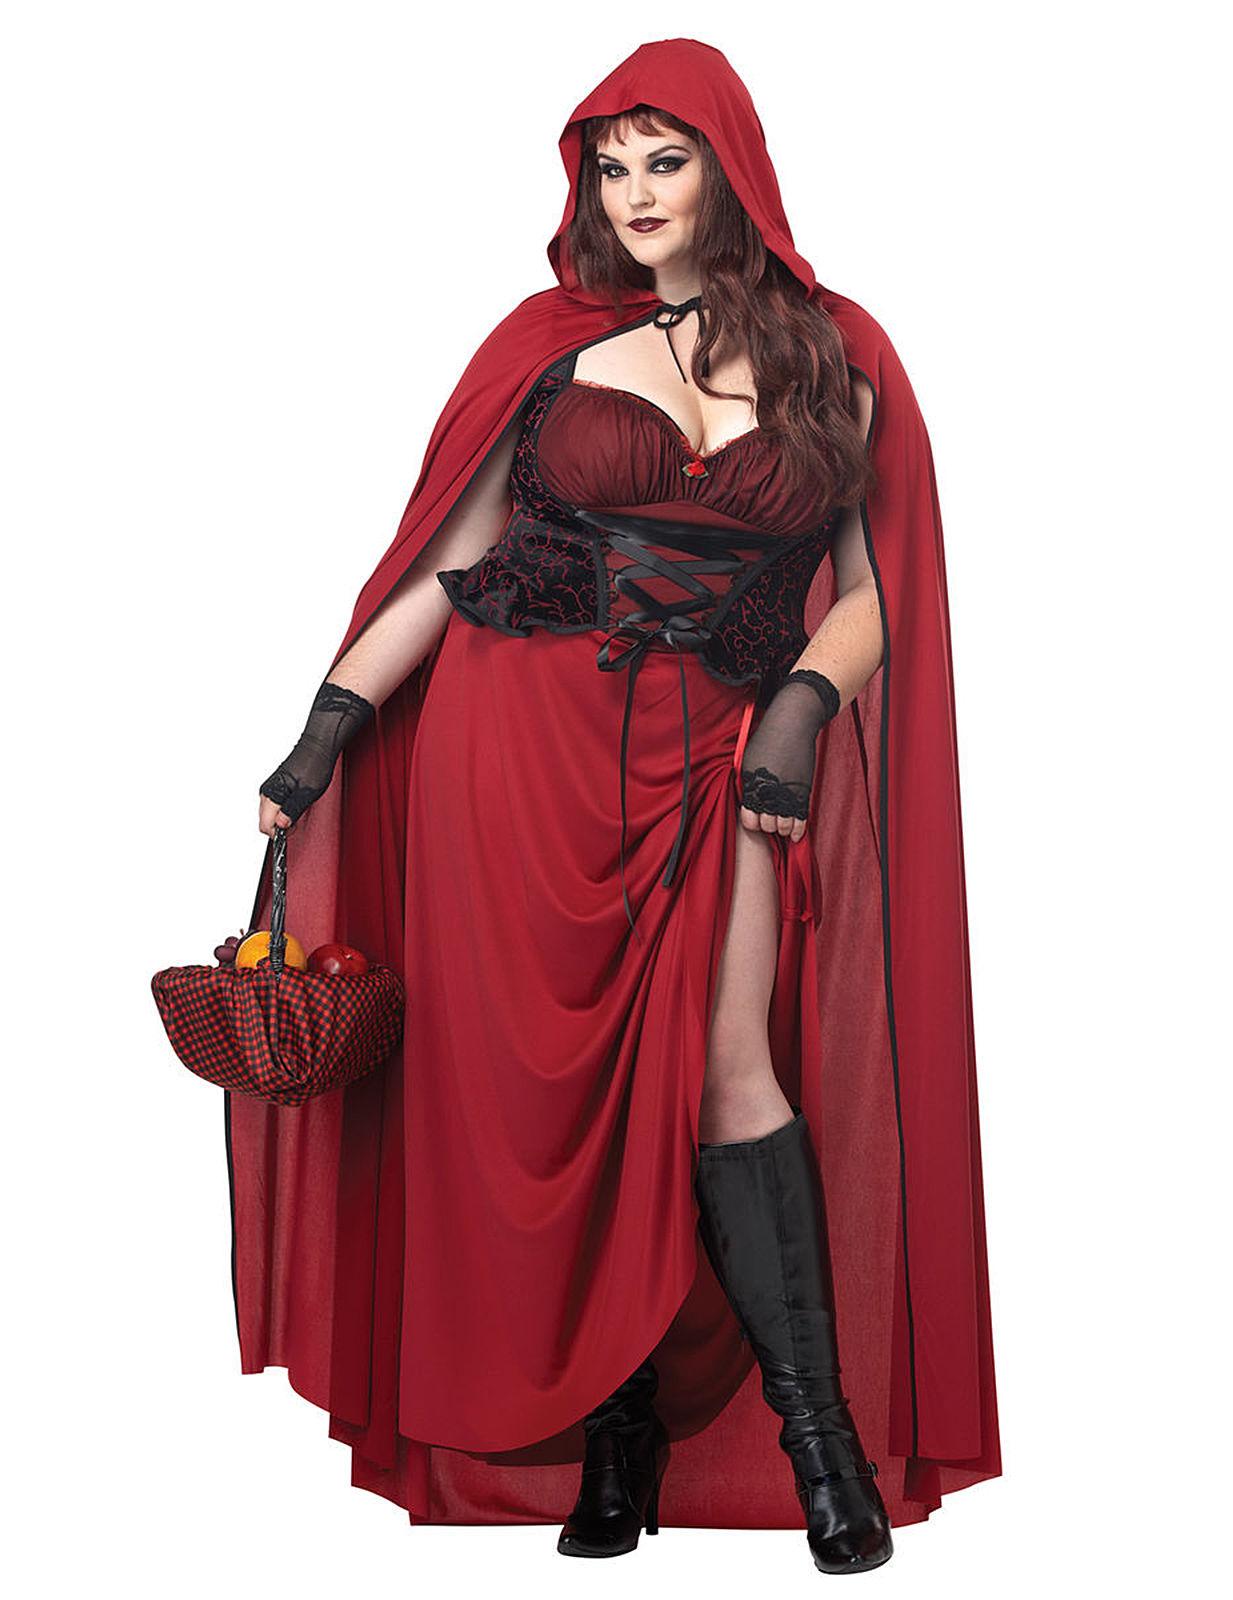 Gothic Rotkappchen Halloween Damenkostum Xxl Rot Schwarz Gunstige